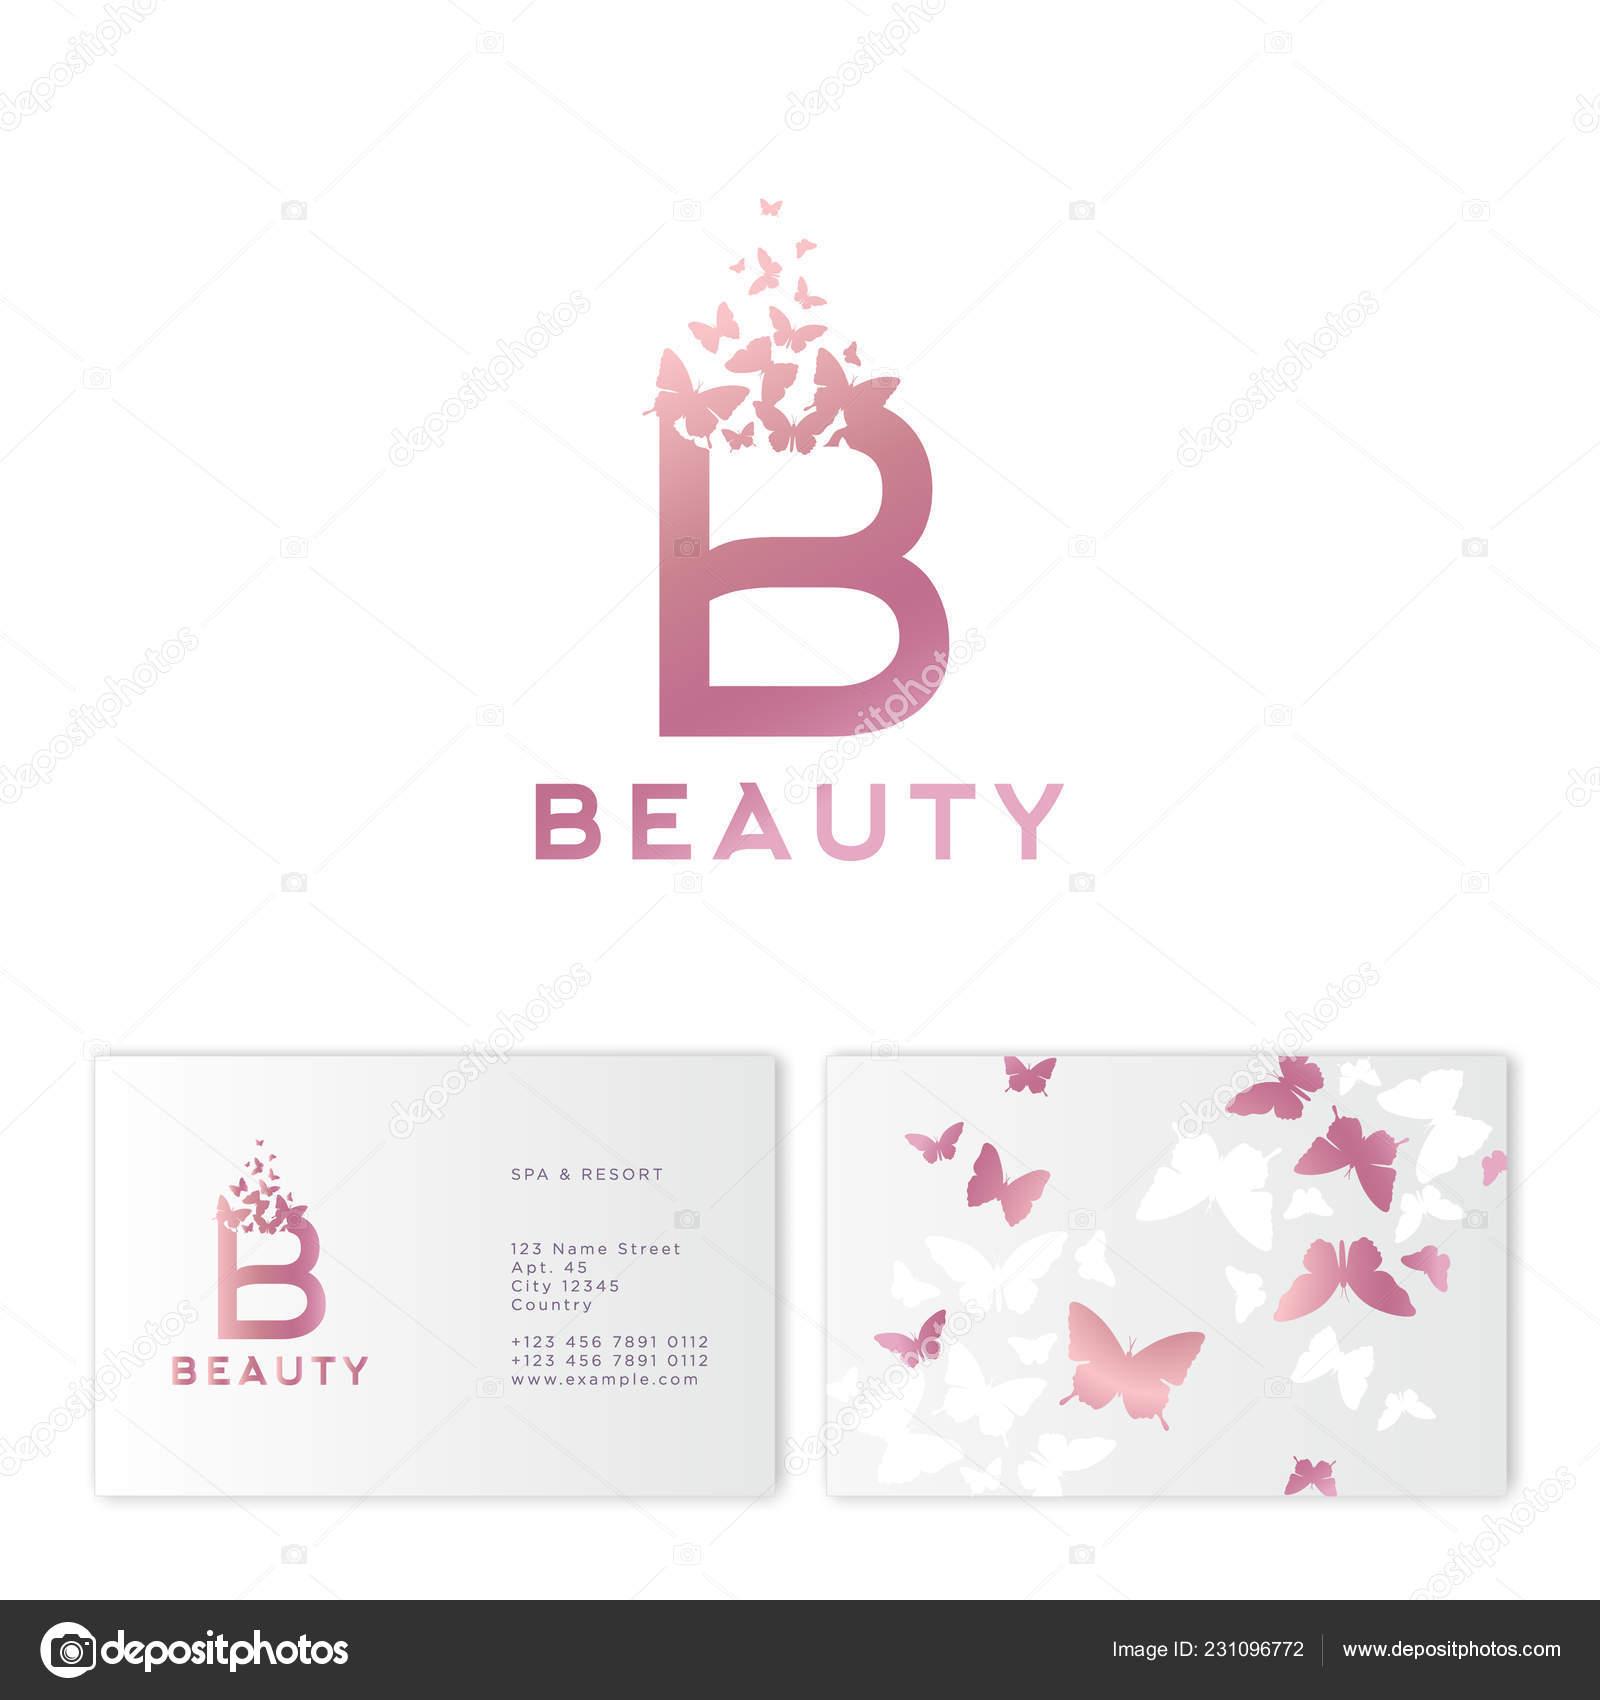 Rose Lettre B Avec Le Vol De Papillons Logo La Beaute Embleme Pour Spa Cosmetiques Mode Atelier Couture Ou Bijoux Identite Carte Visite